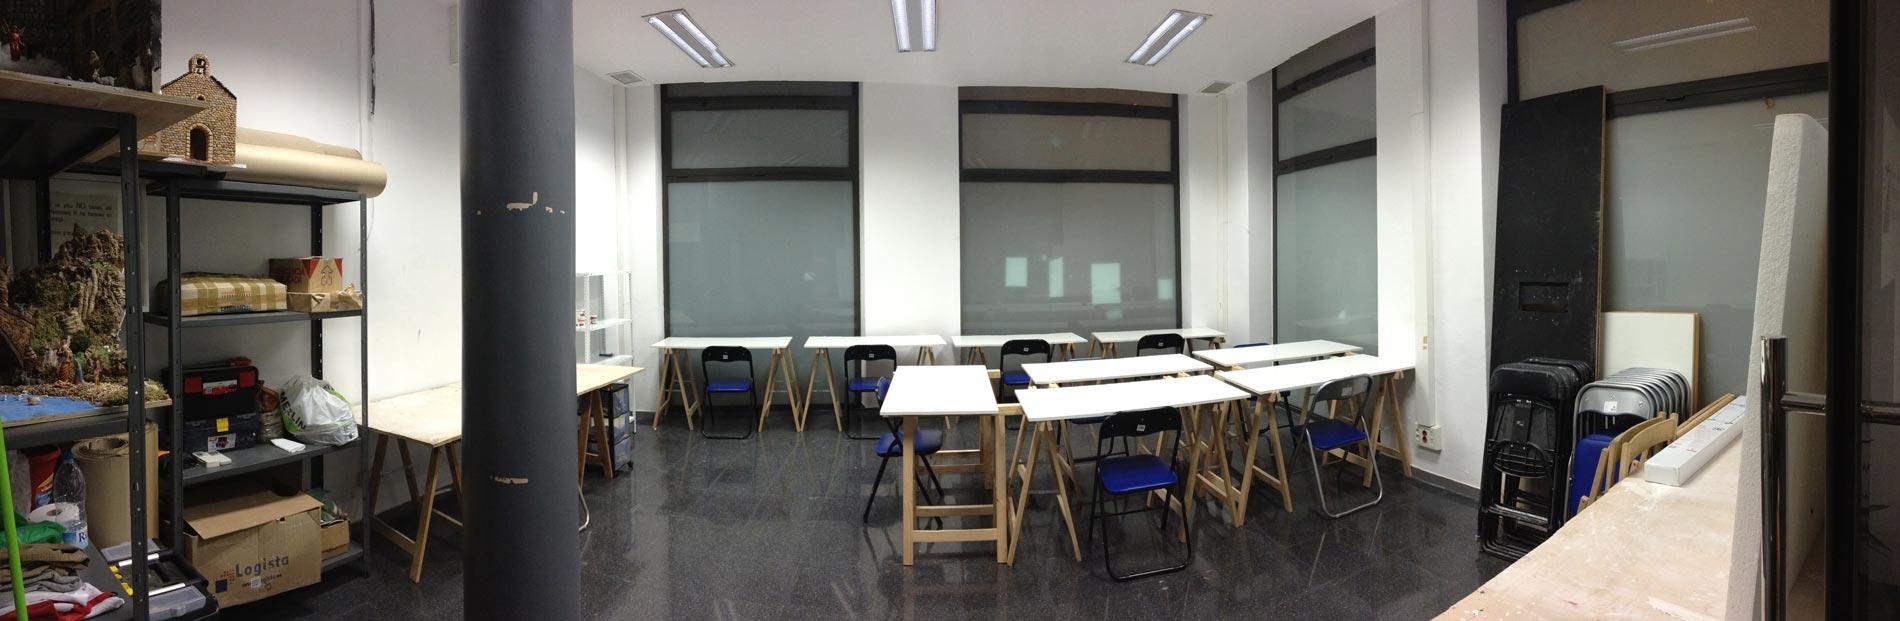 Escola Taller Room